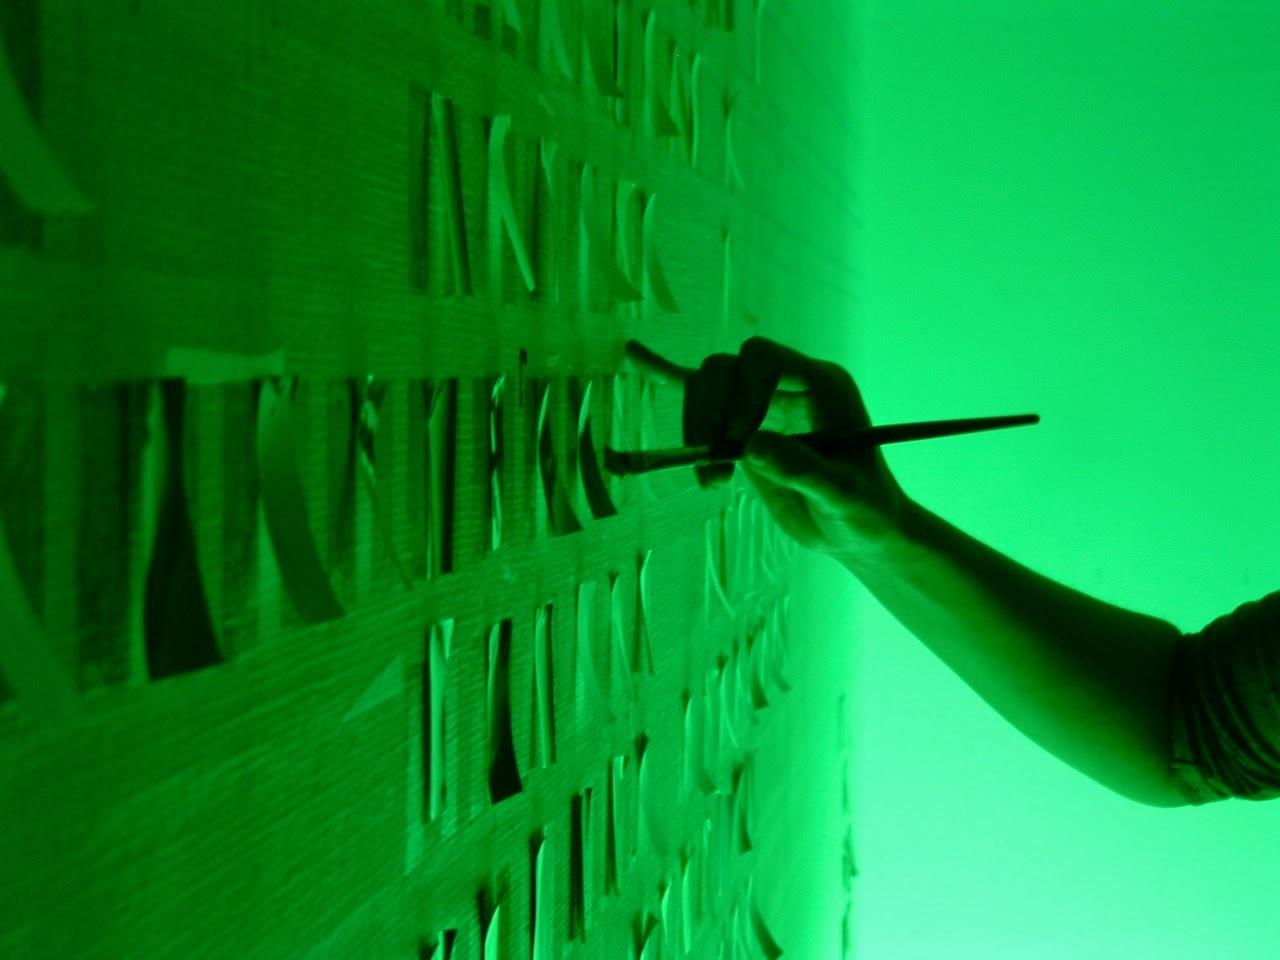 豊嶋康子《色調補正-1》(公開制作、府中市美術館)2005年[参考 図版]